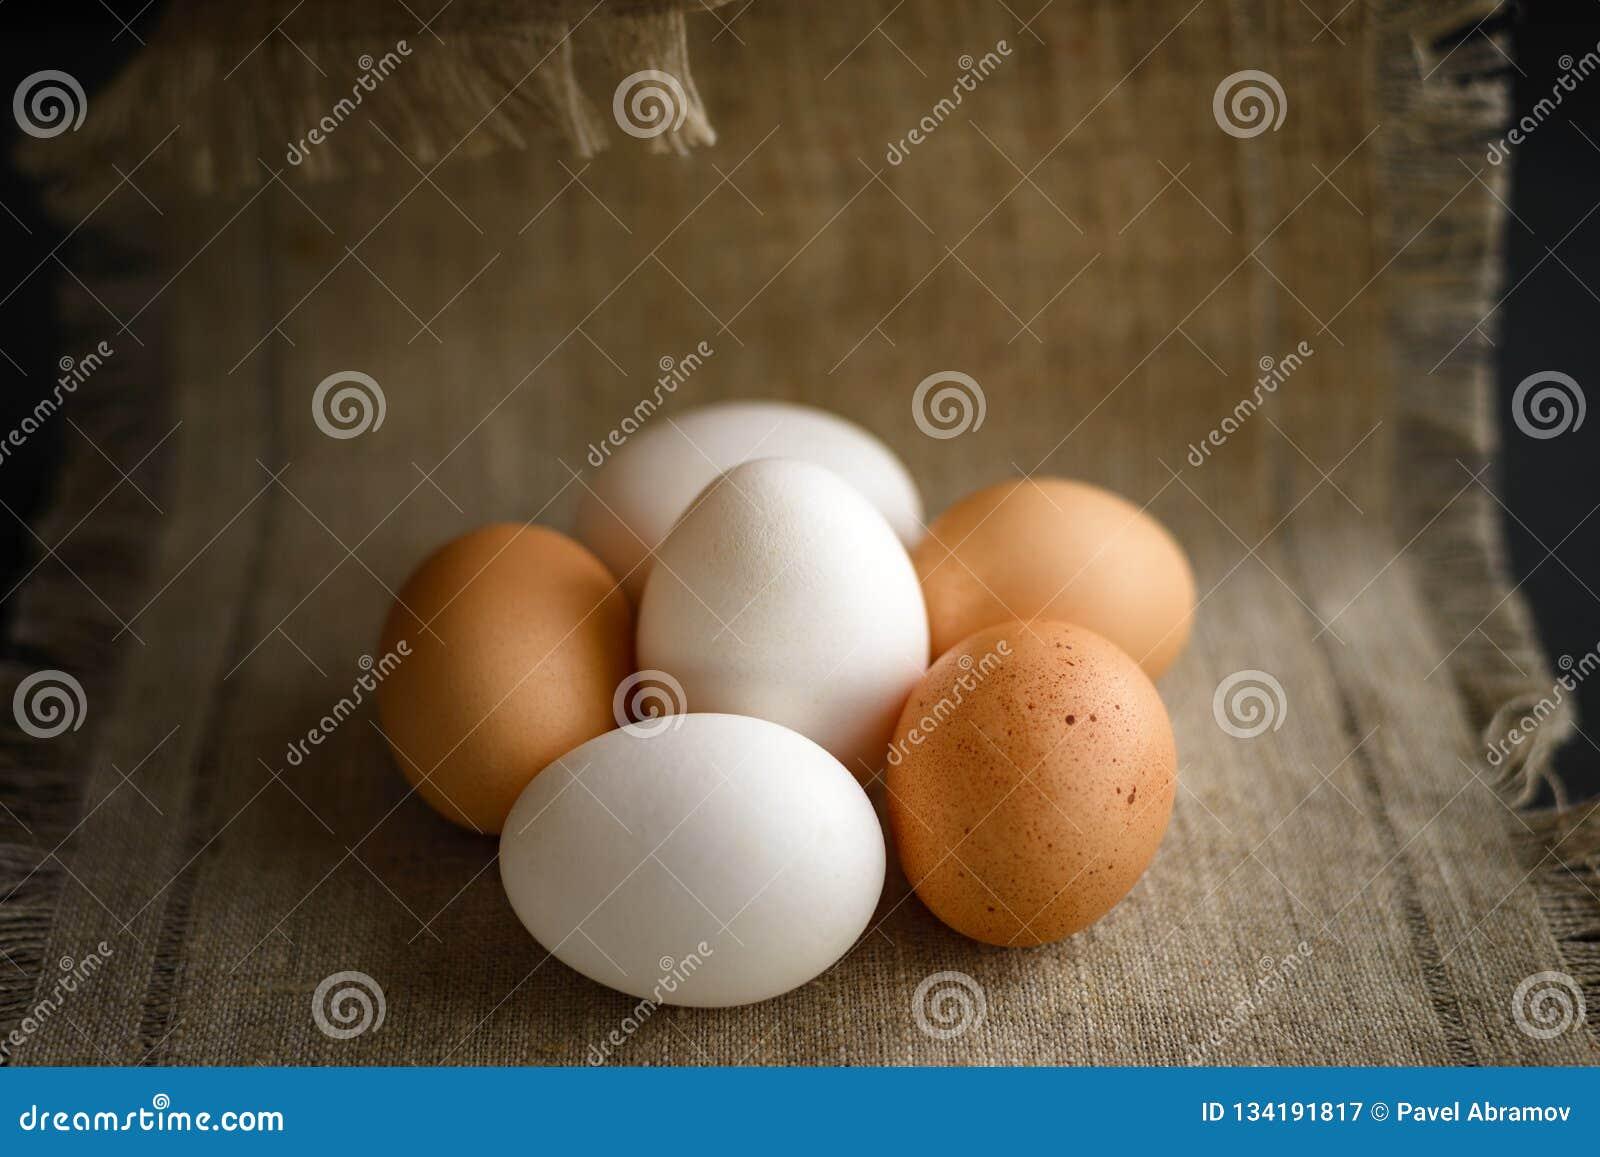 Seis huevos en una lona en un fondo oscuro